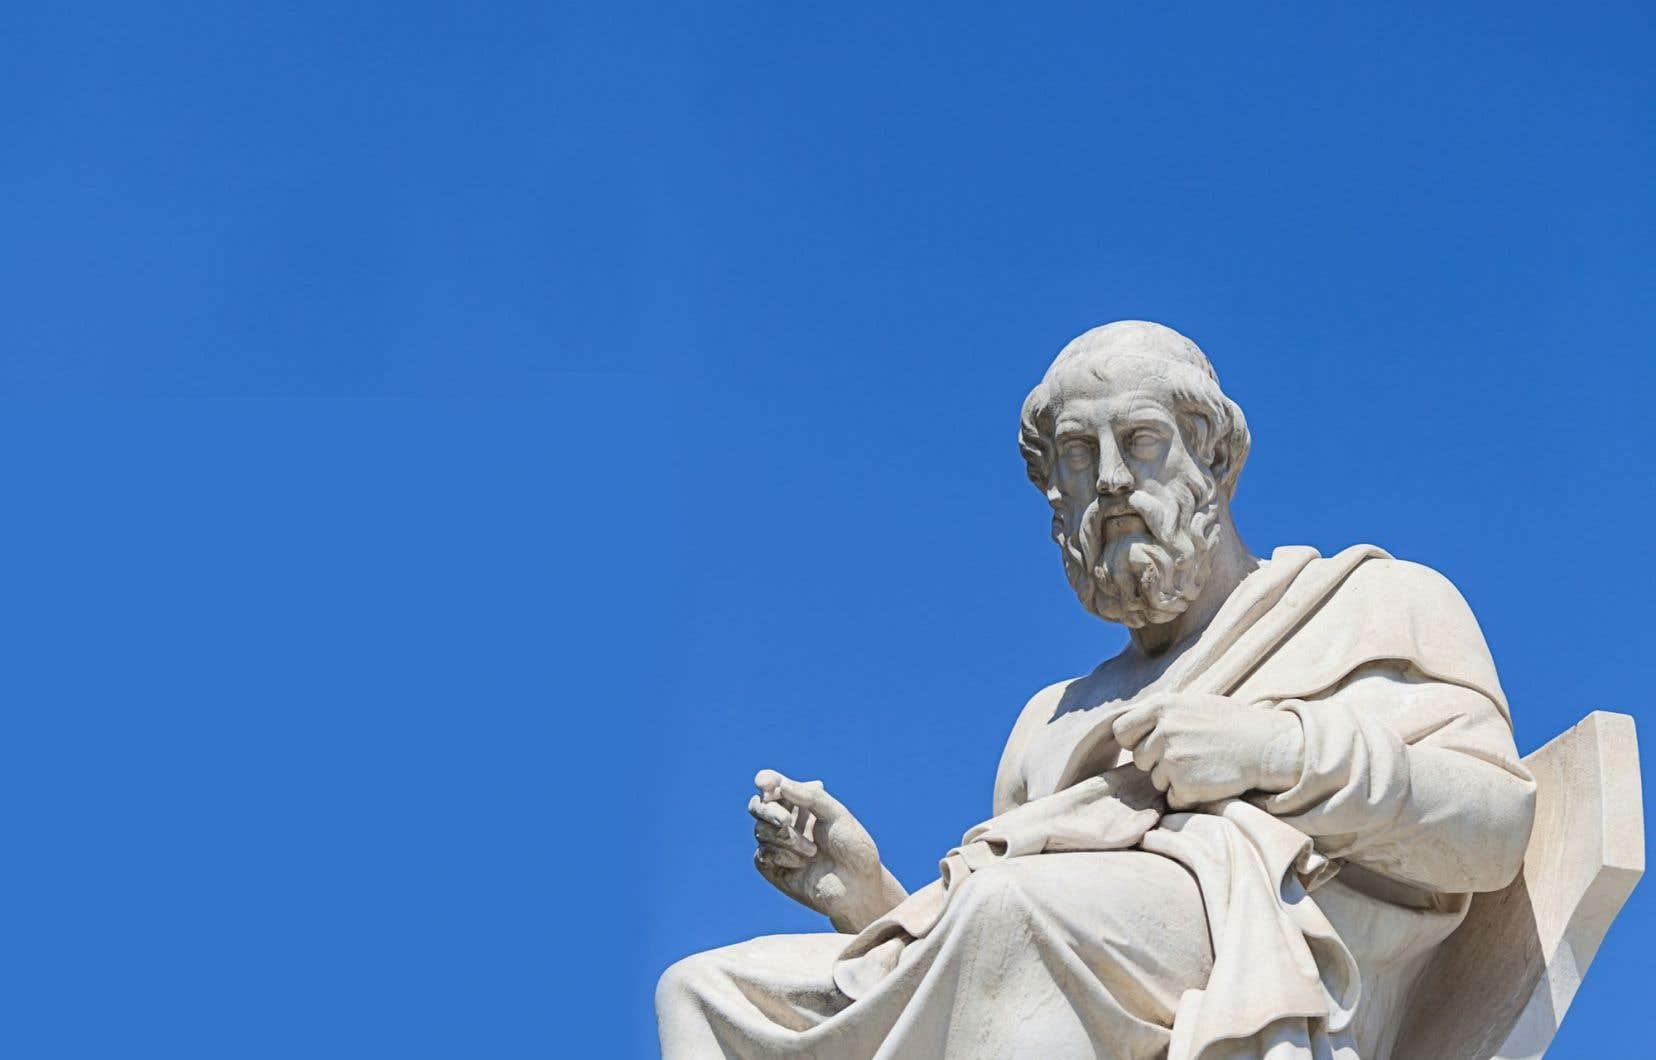 Dans un Québec où l'on associe encore l'éthique à la culture religieuse, il est pertinent de se rappeler que, pour le philosophe grec Platon, la religion est capable d'inspirer le meilleur comme le pire.